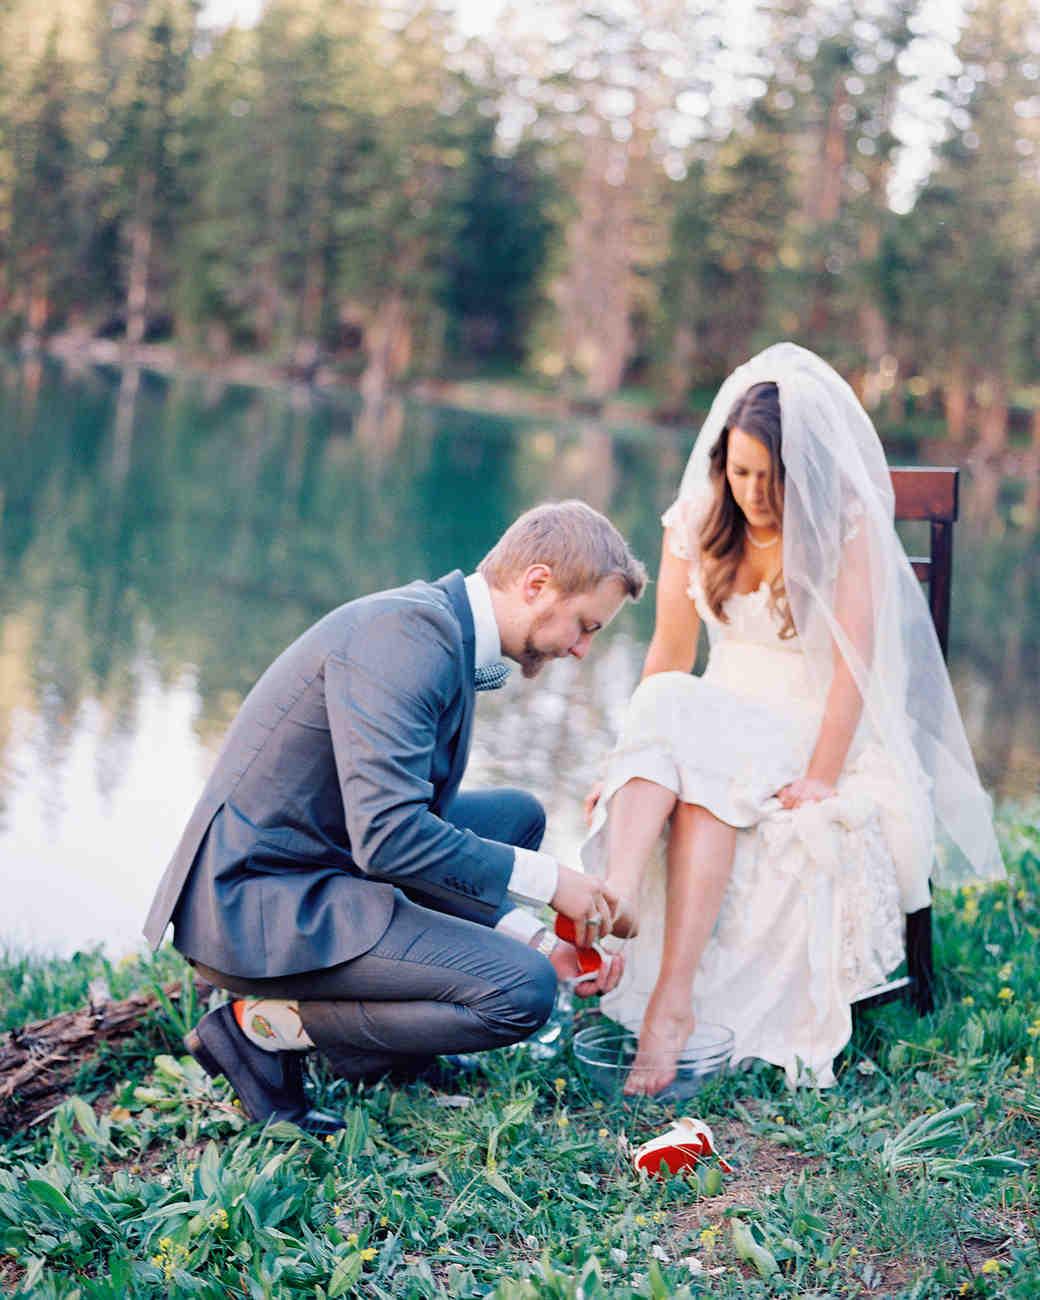 mckenzie-brandon-wedding-footwashing-24-s112364-1115.jpg